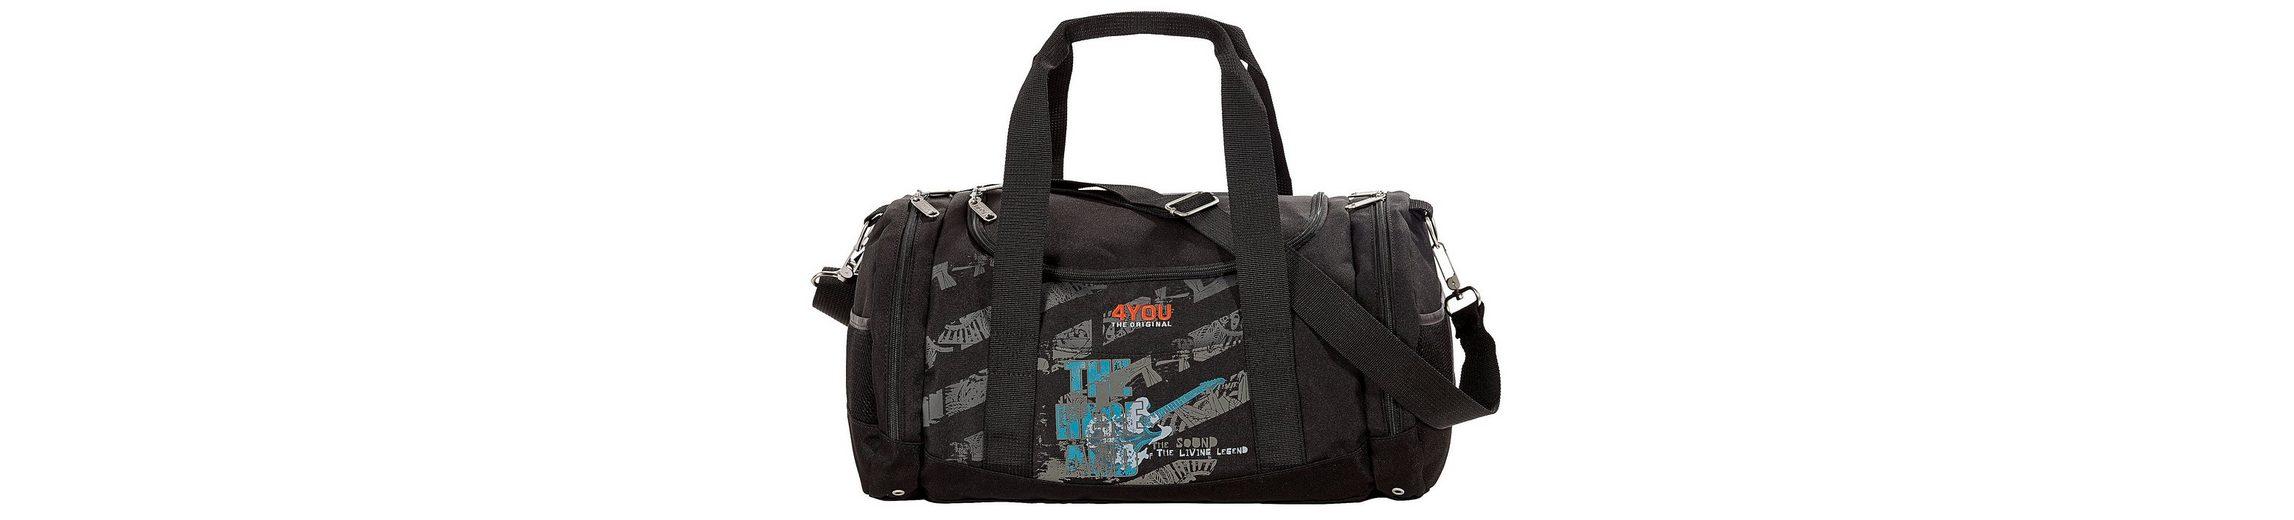 Sporttasche Gitarren-Motiv auf schwarz, »Sportbag Function«, 4YOU